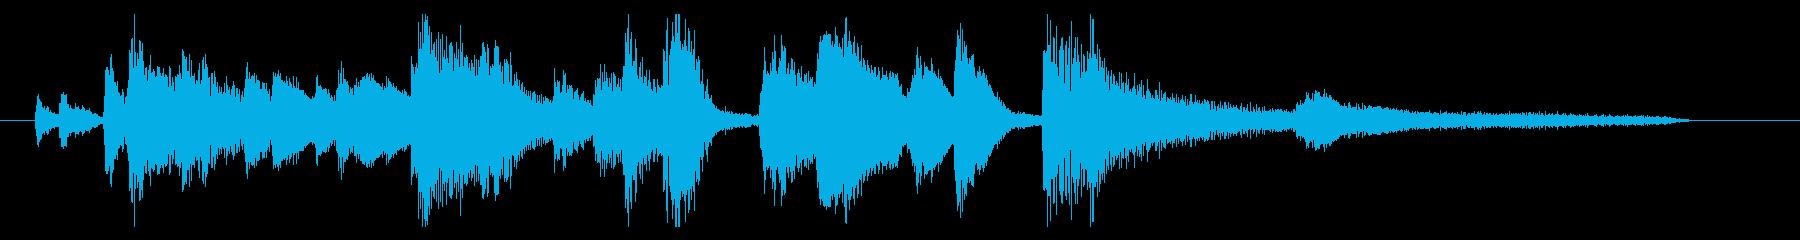 おしゃれなジャズピアノジングル4の再生済みの波形